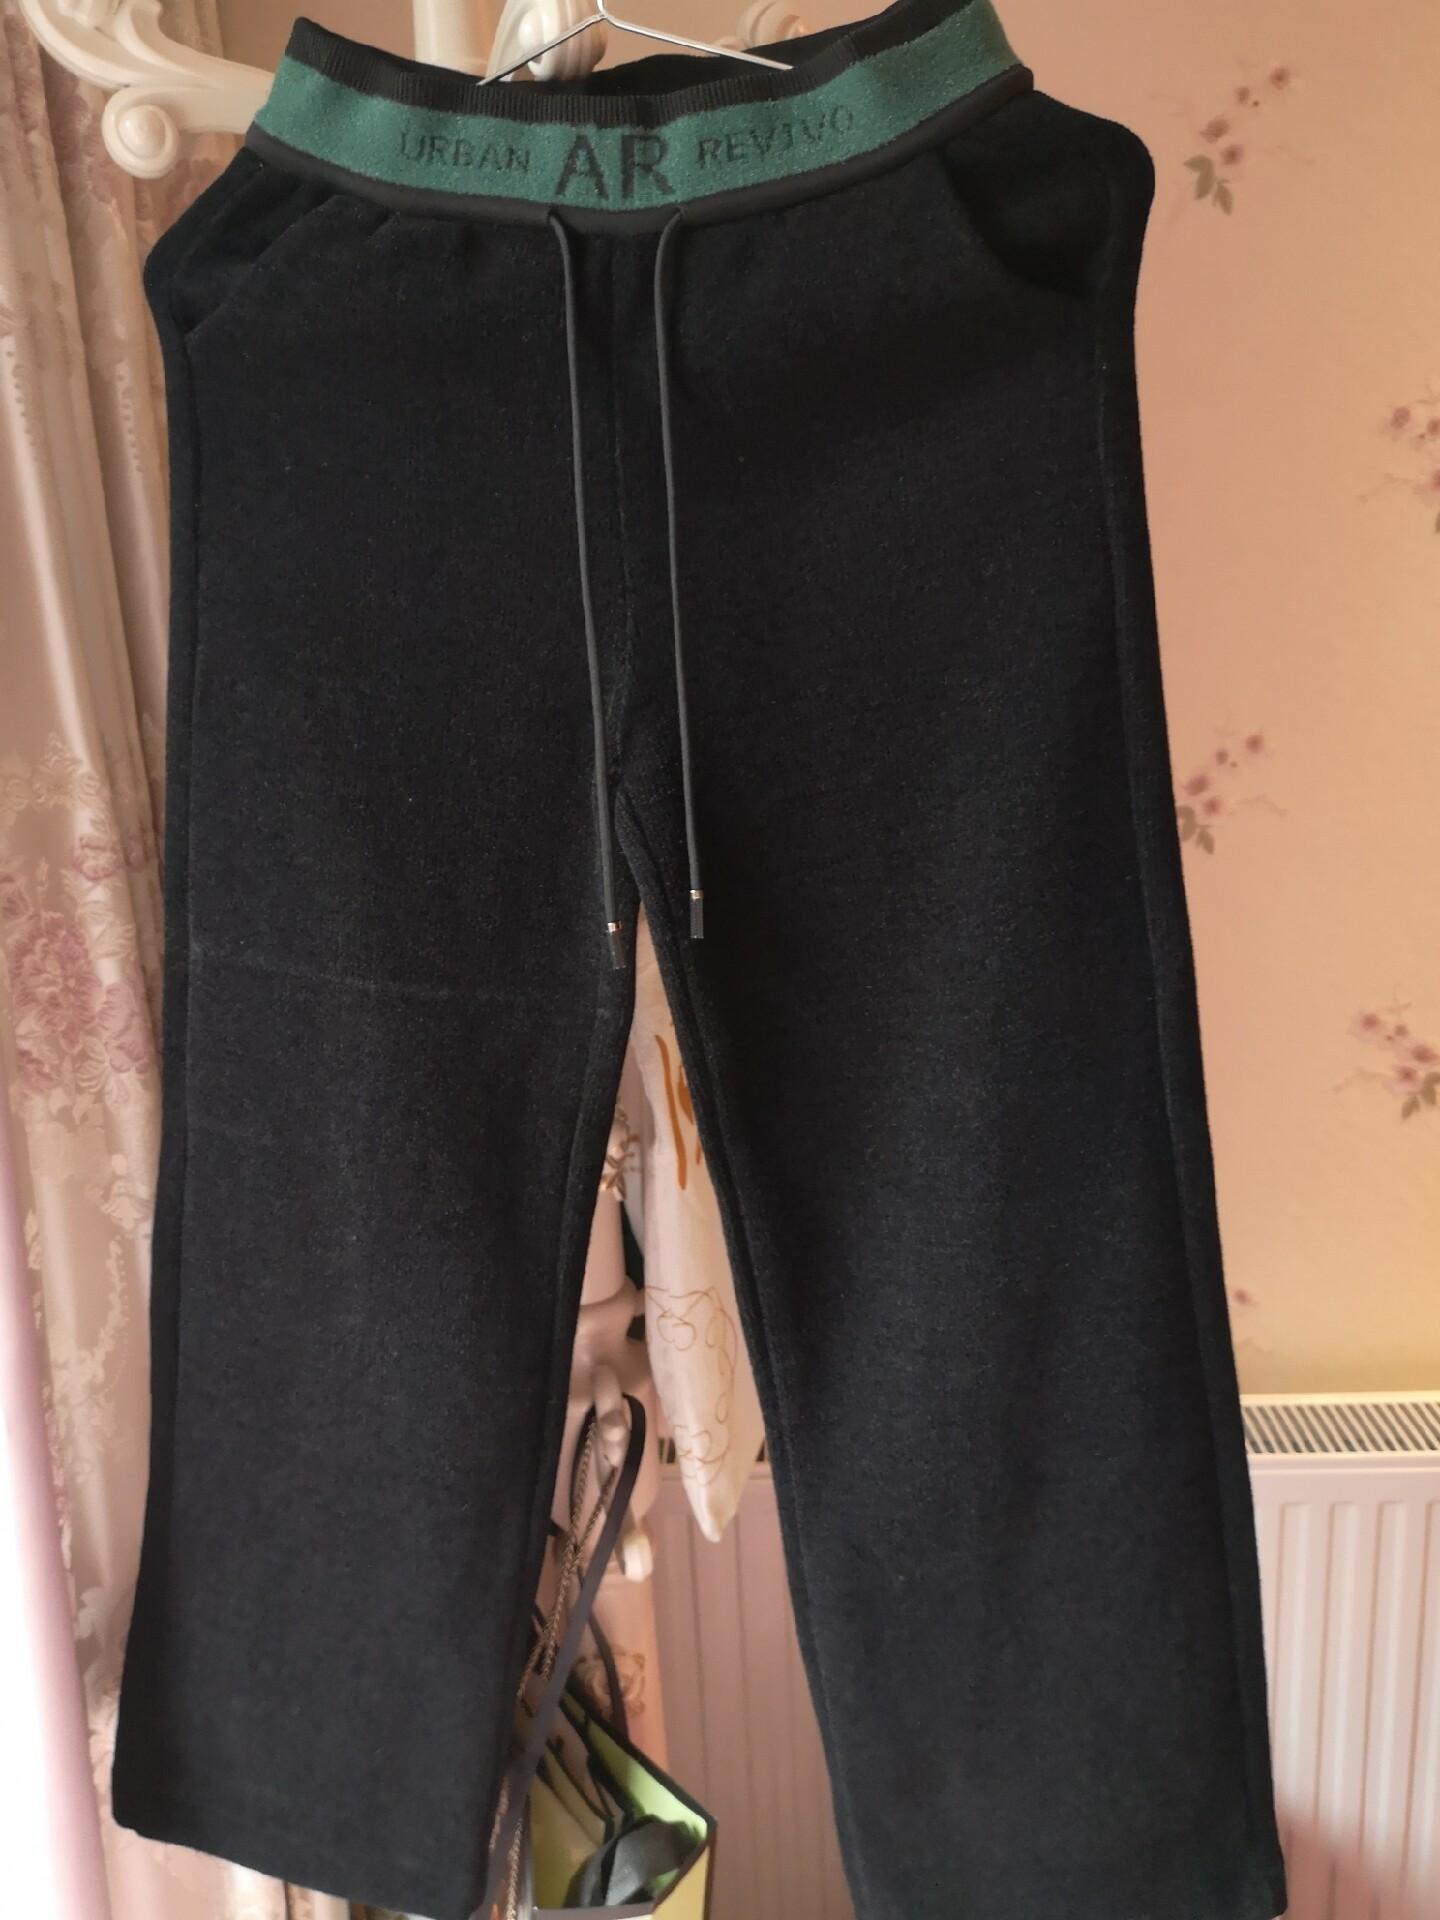 黑色加绒裤,穿一洗一。m码,110斤内都可以穿,腰间有松紧,